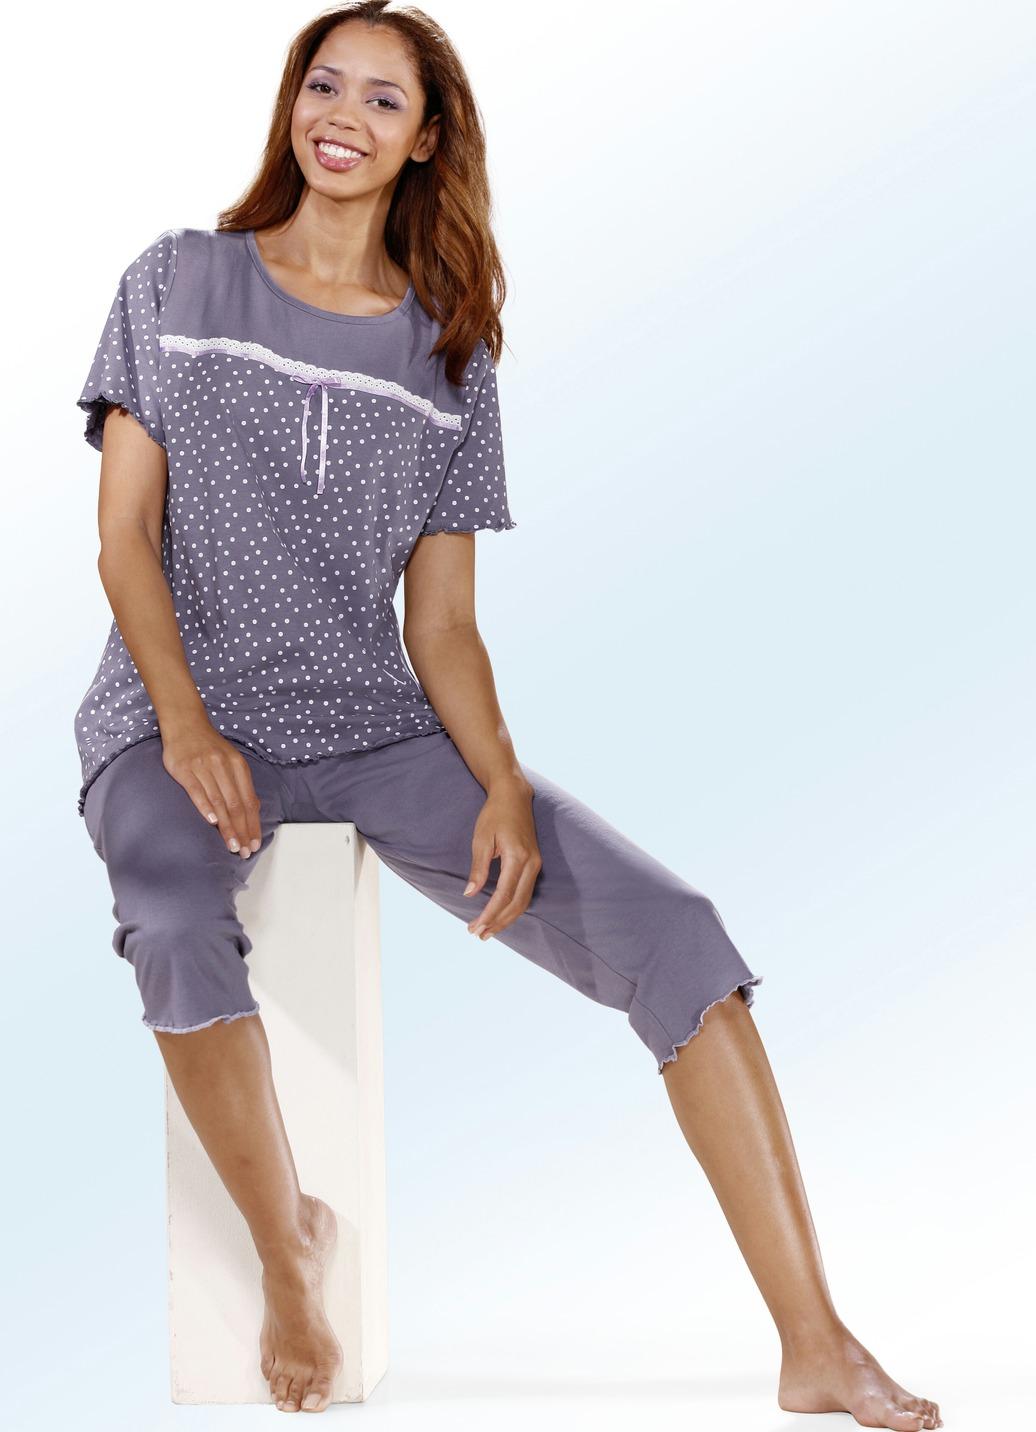 top ten schlafanzug kurzarm mit rundhals damen brigitte hachenburg. Black Bedroom Furniture Sets. Home Design Ideas